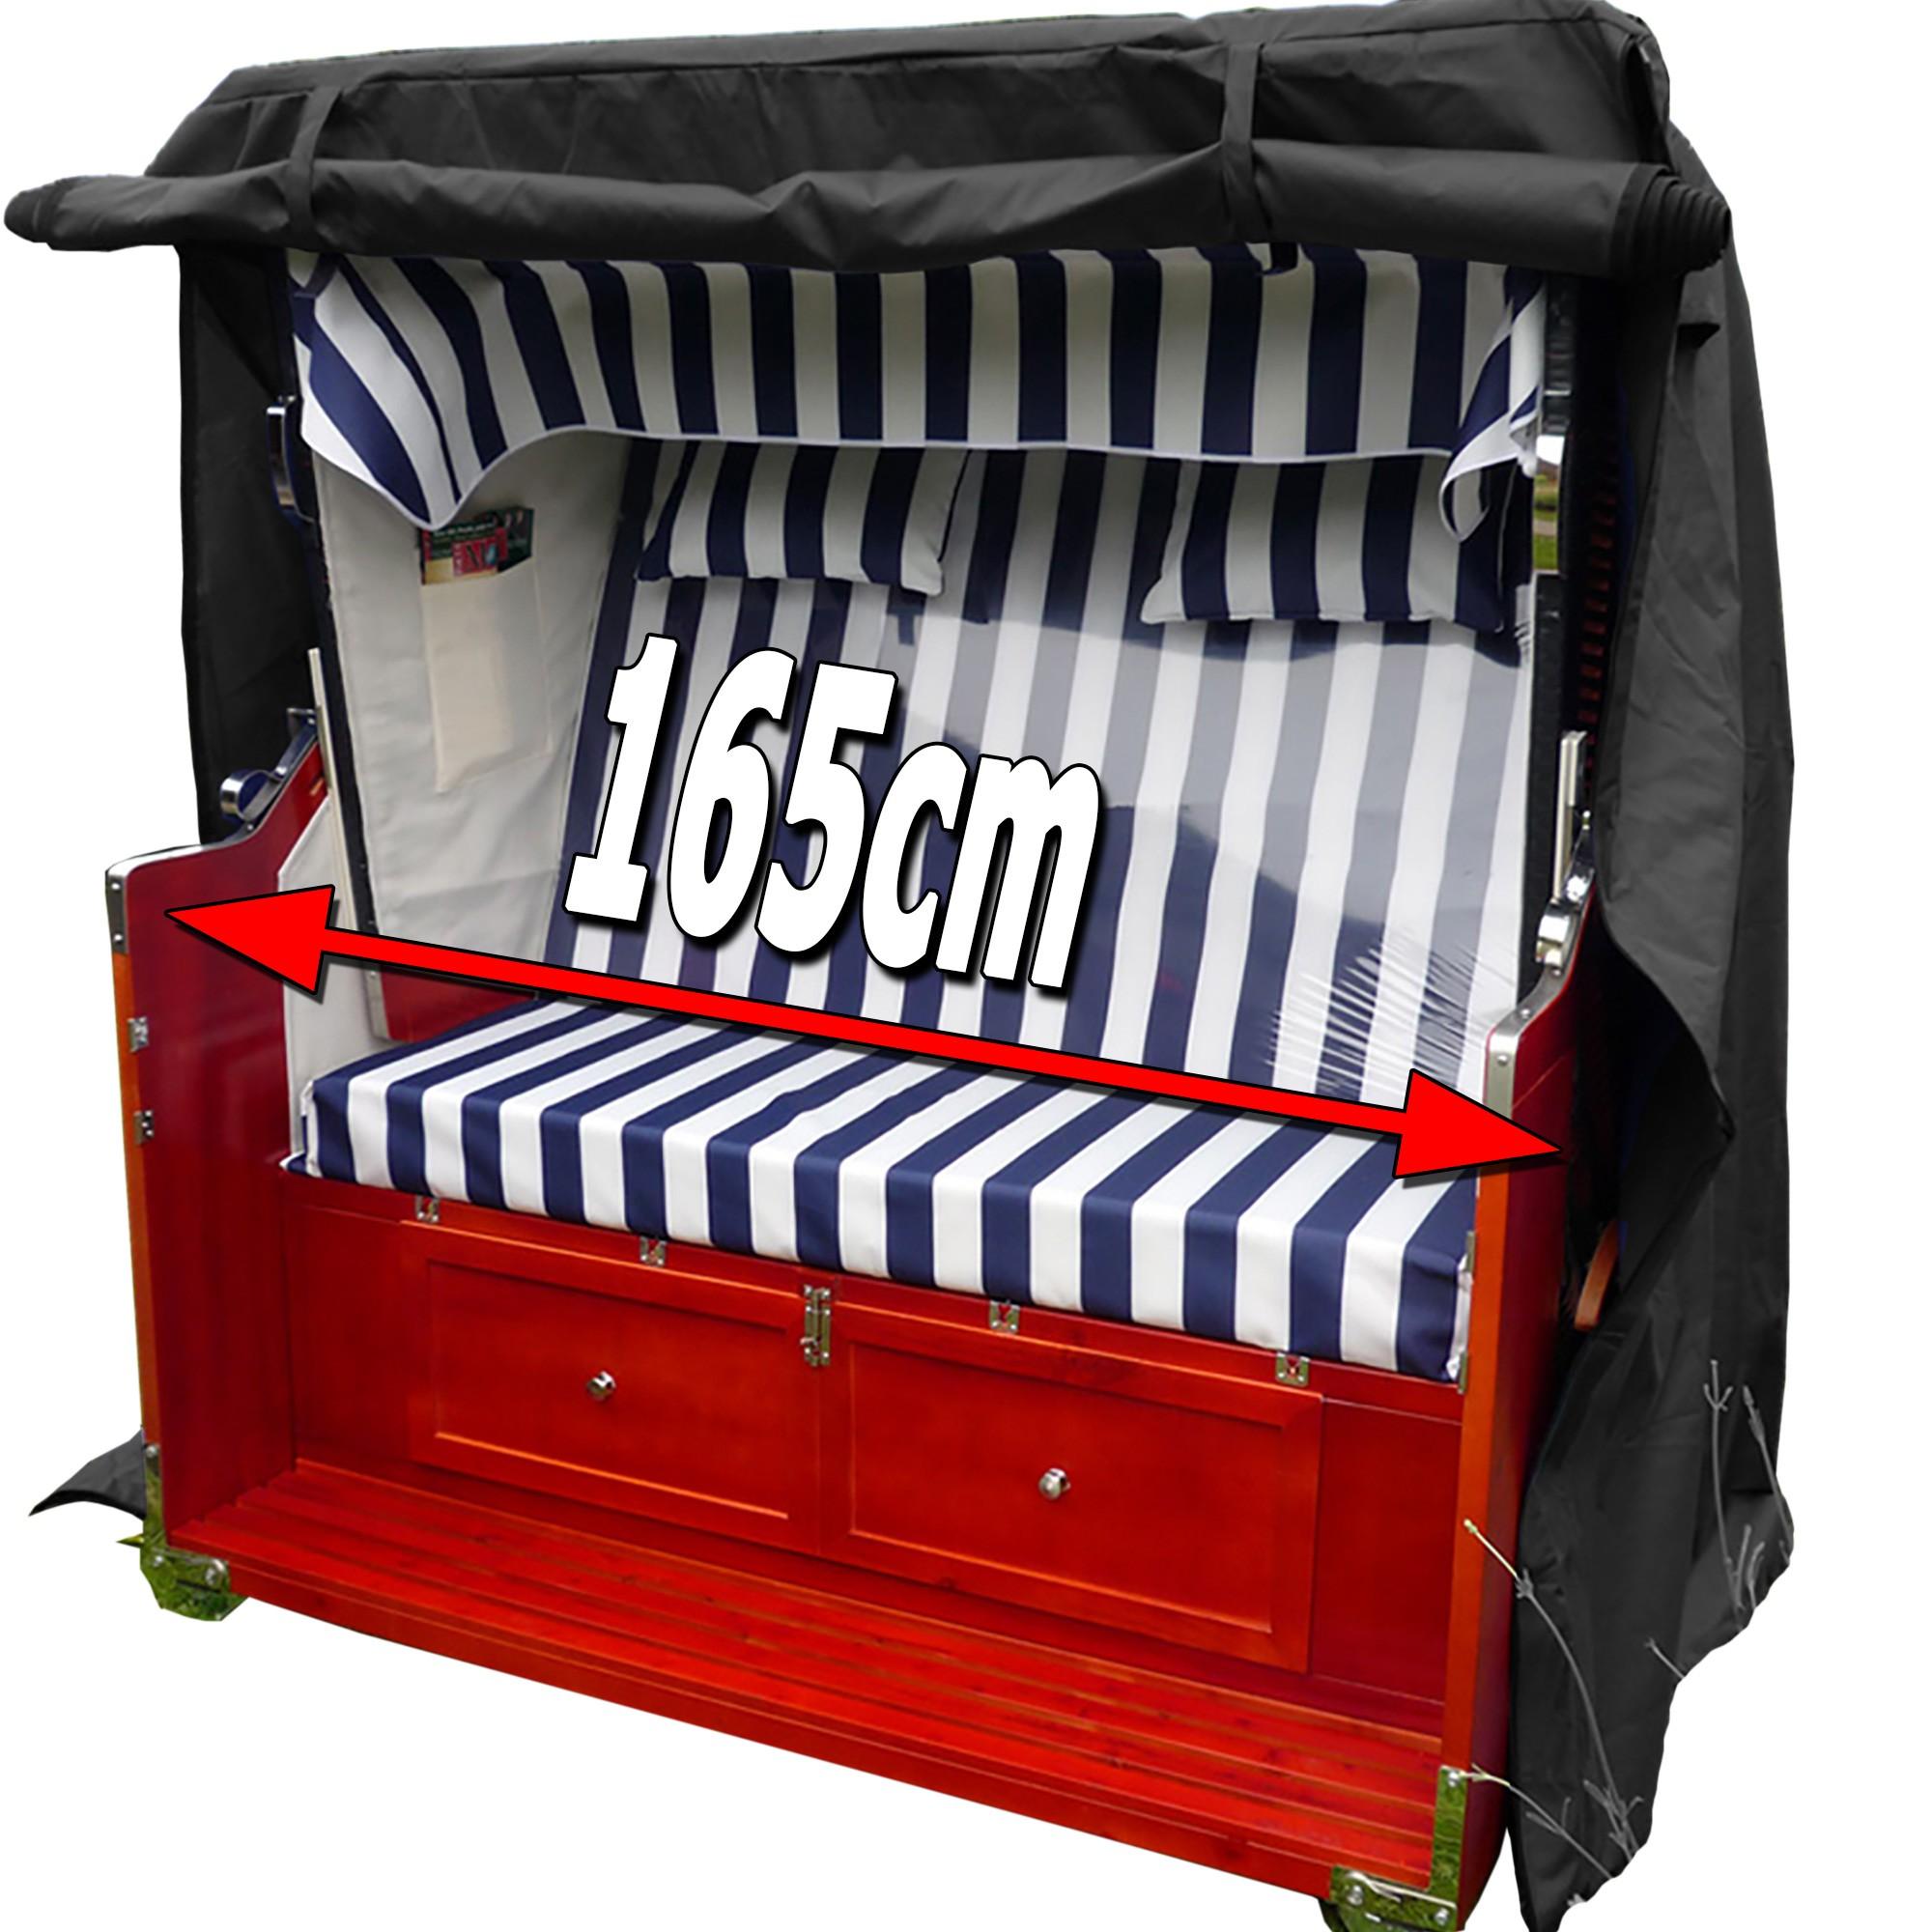 strandkorb schutzh lle winterfest g nstig abdeckhaube strandkorb xxl kaufen. Black Bedroom Furniture Sets. Home Design Ideas